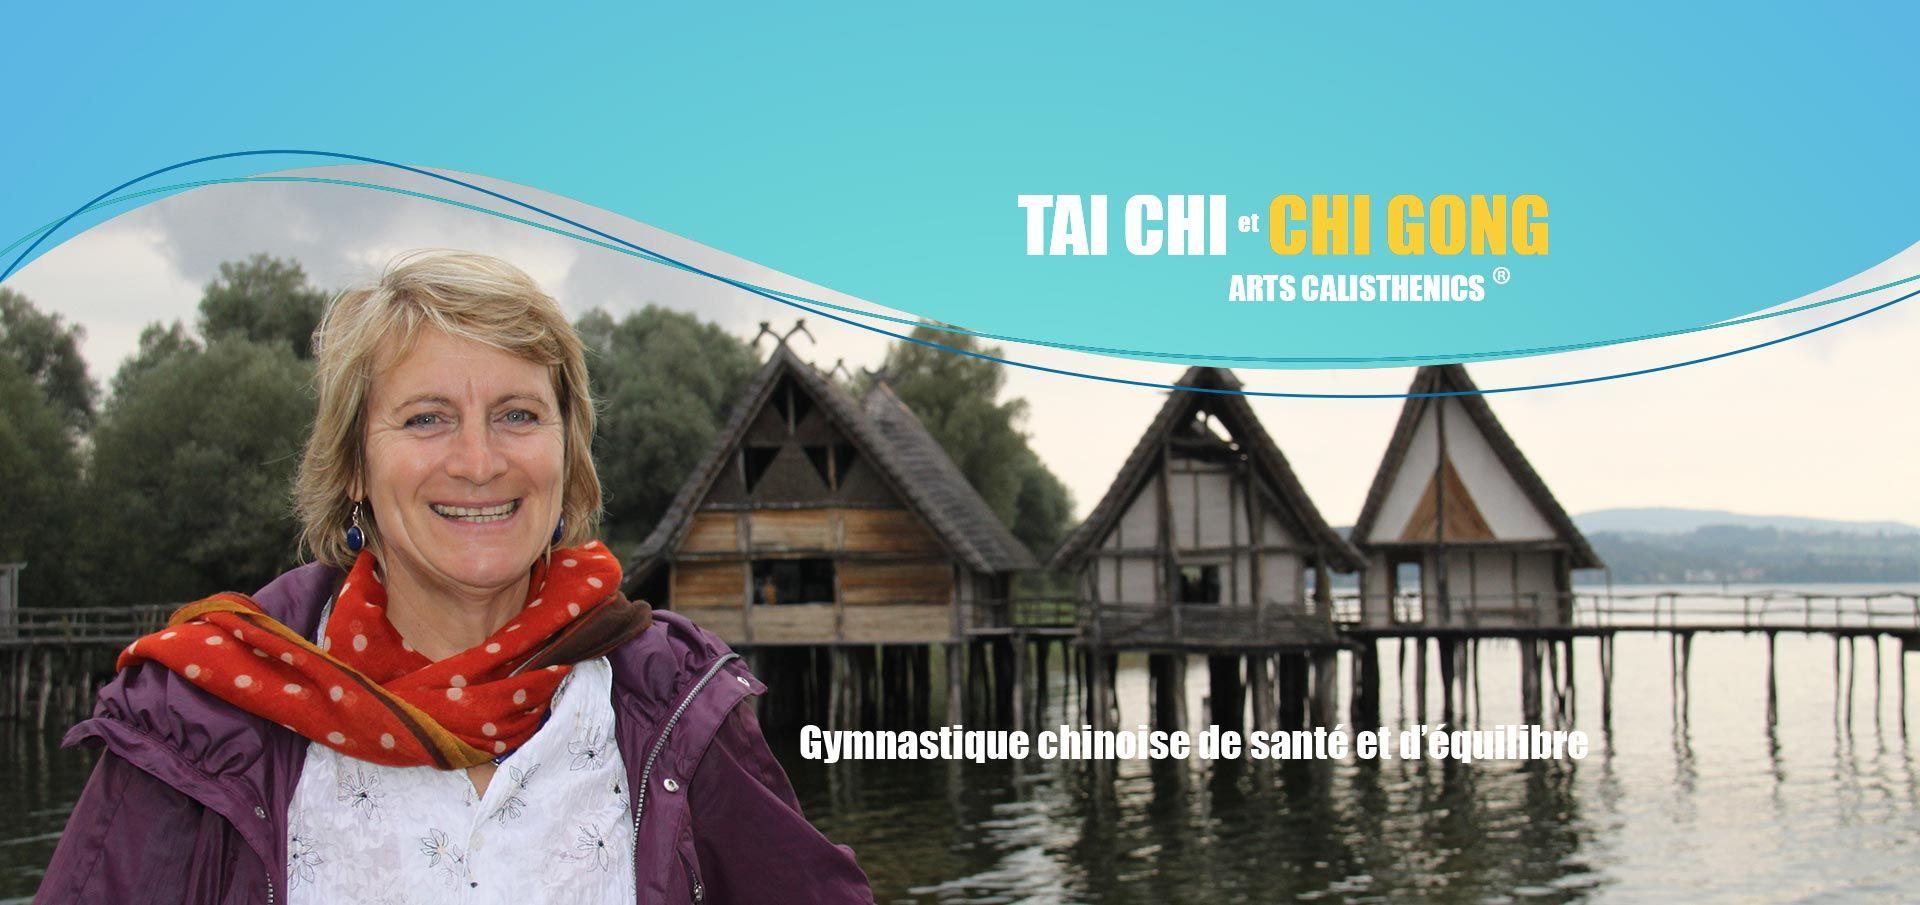 enseignante  formatrice de tai chi  u2013 chi gong  u2013 arts calisth u00e9nics chinois et responsable de